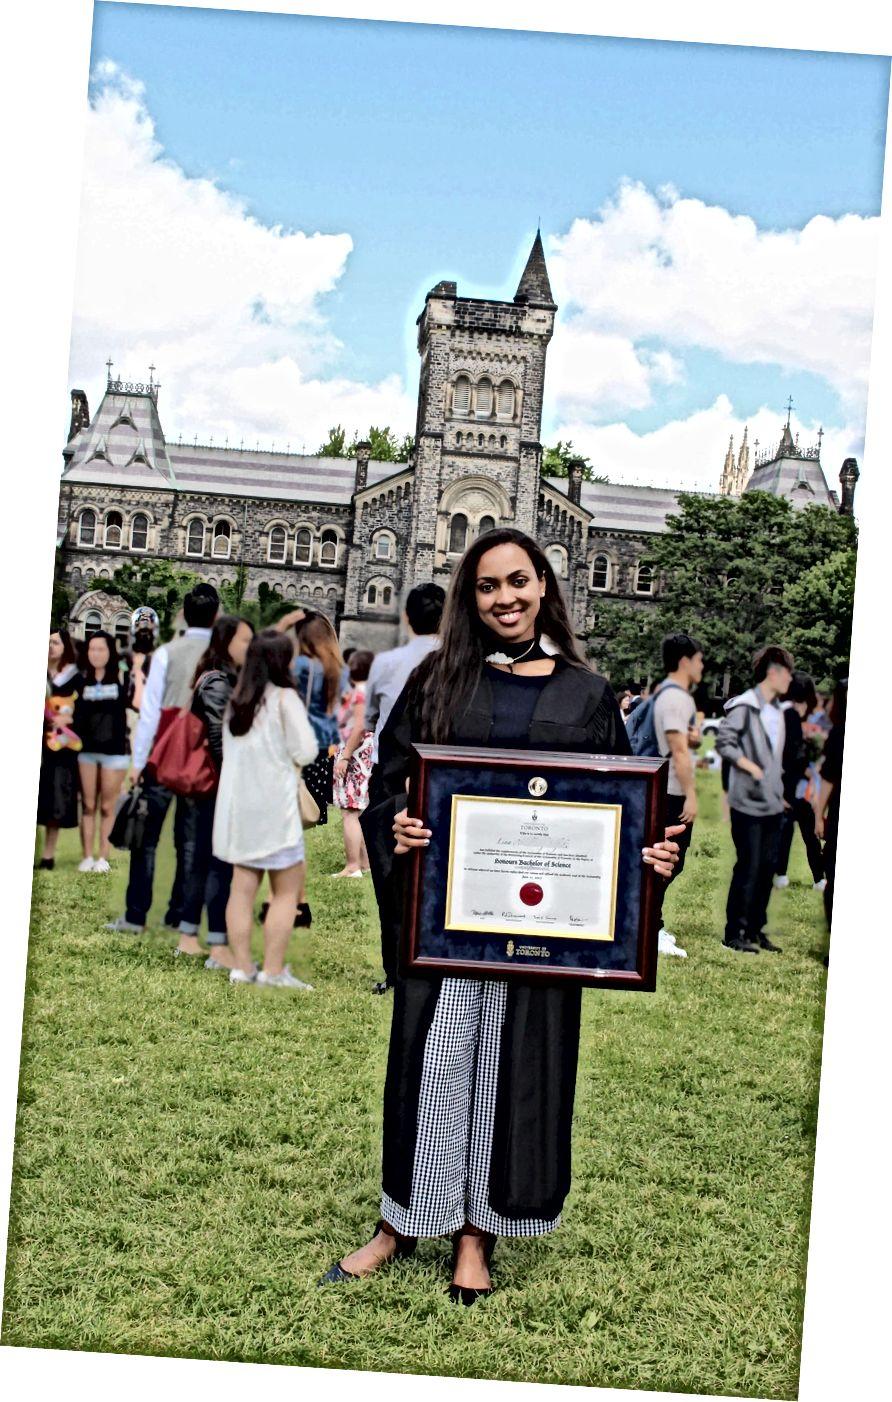 Lina Elfaki, a torontói egyetem IMS MSc hallgatója. (A cikkben használt fényképeket Lina Abdullatif készítette.)